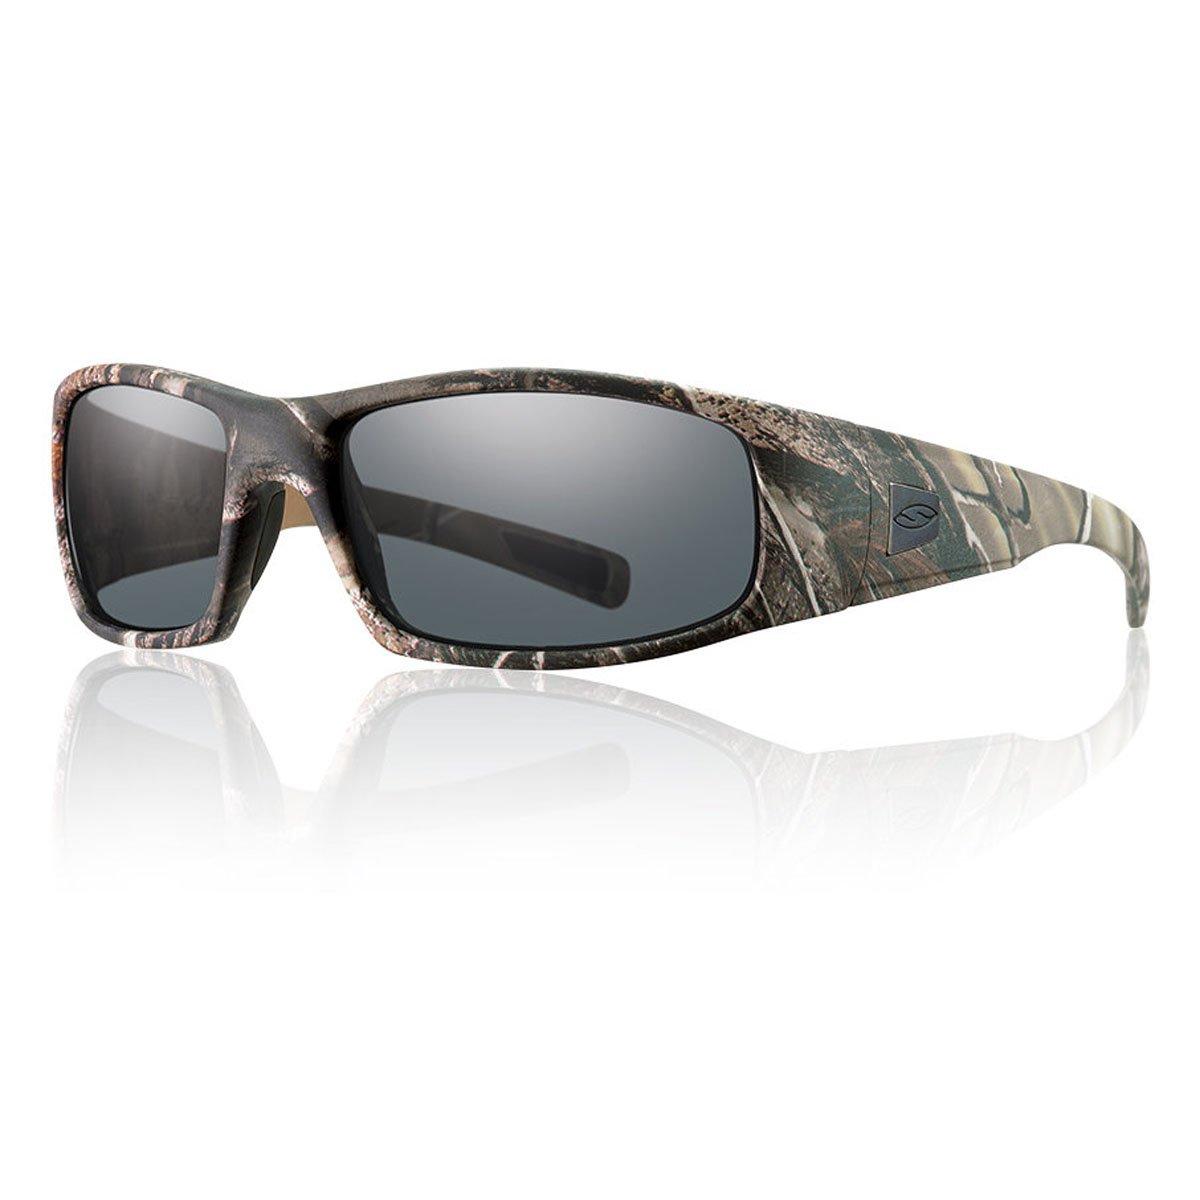 Smith Optics Elite Versteck Tactical Sonnenbrille, Uni, Kryptek Highlander, Einheitsgröße